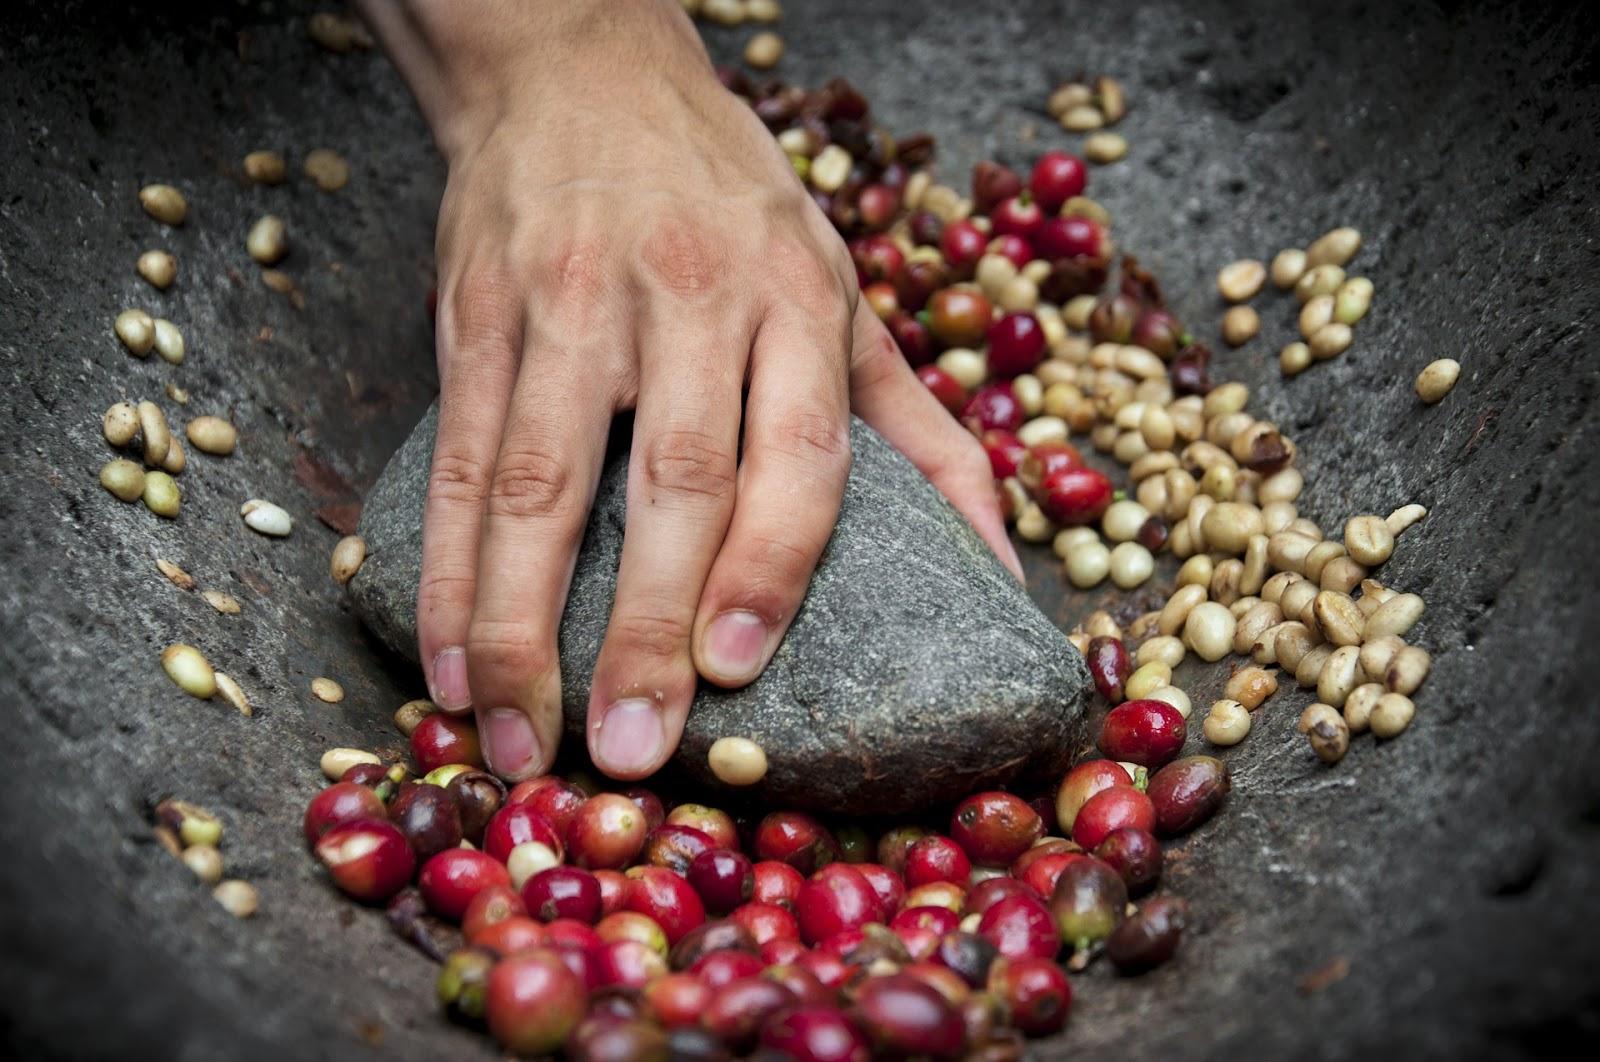 583a7c209 ... kávy existuje viacero názorov a určujúcich kritérií. Viem, čo mi chutí,  ale v dnešnej dobe taktiež očakávam tú najkvalitnejšiu kávu, najlepšie bio,  ...